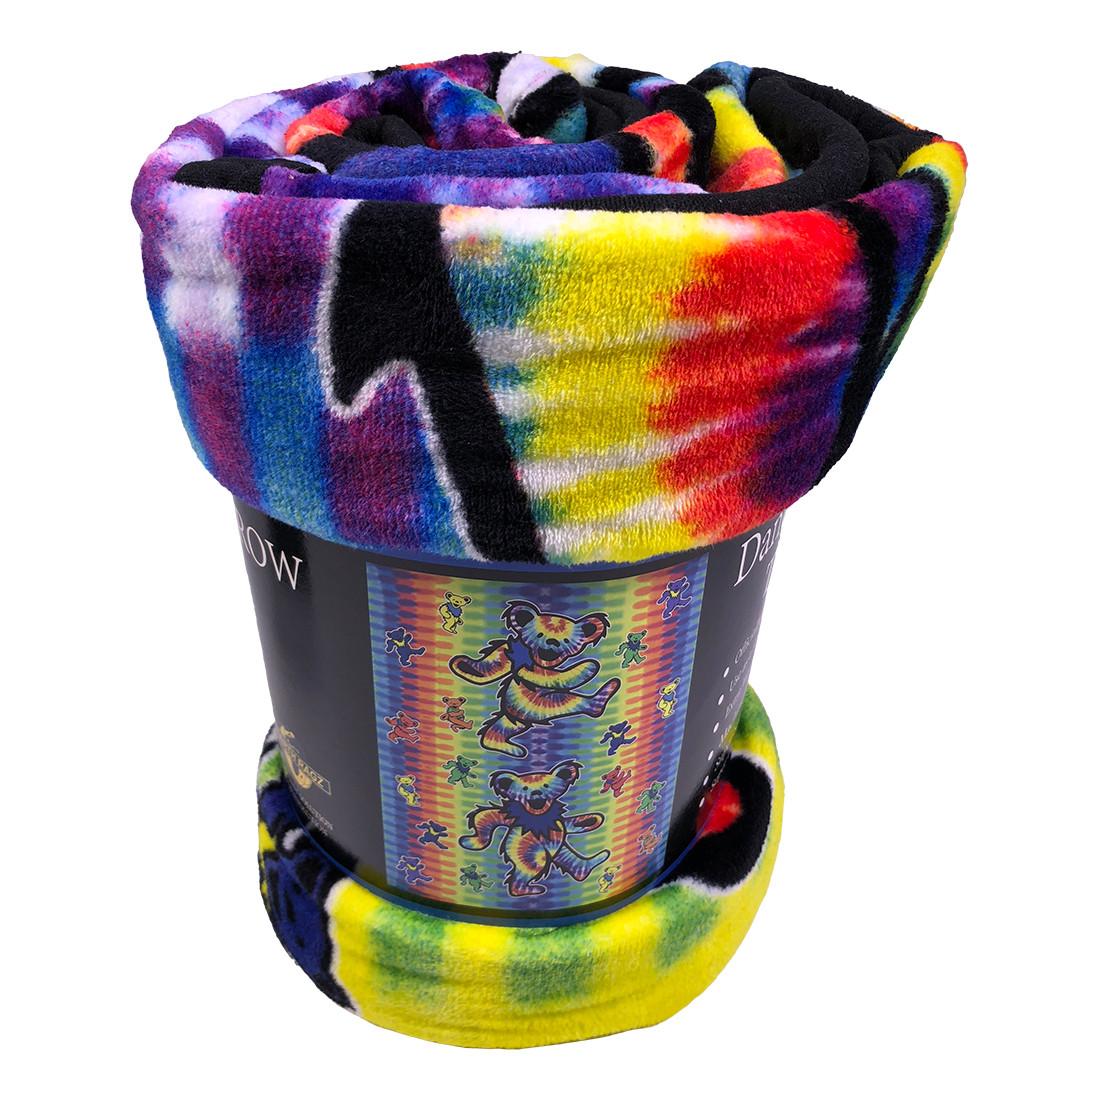 GD Dancing Bear Tie-Dye Fleece Blanket